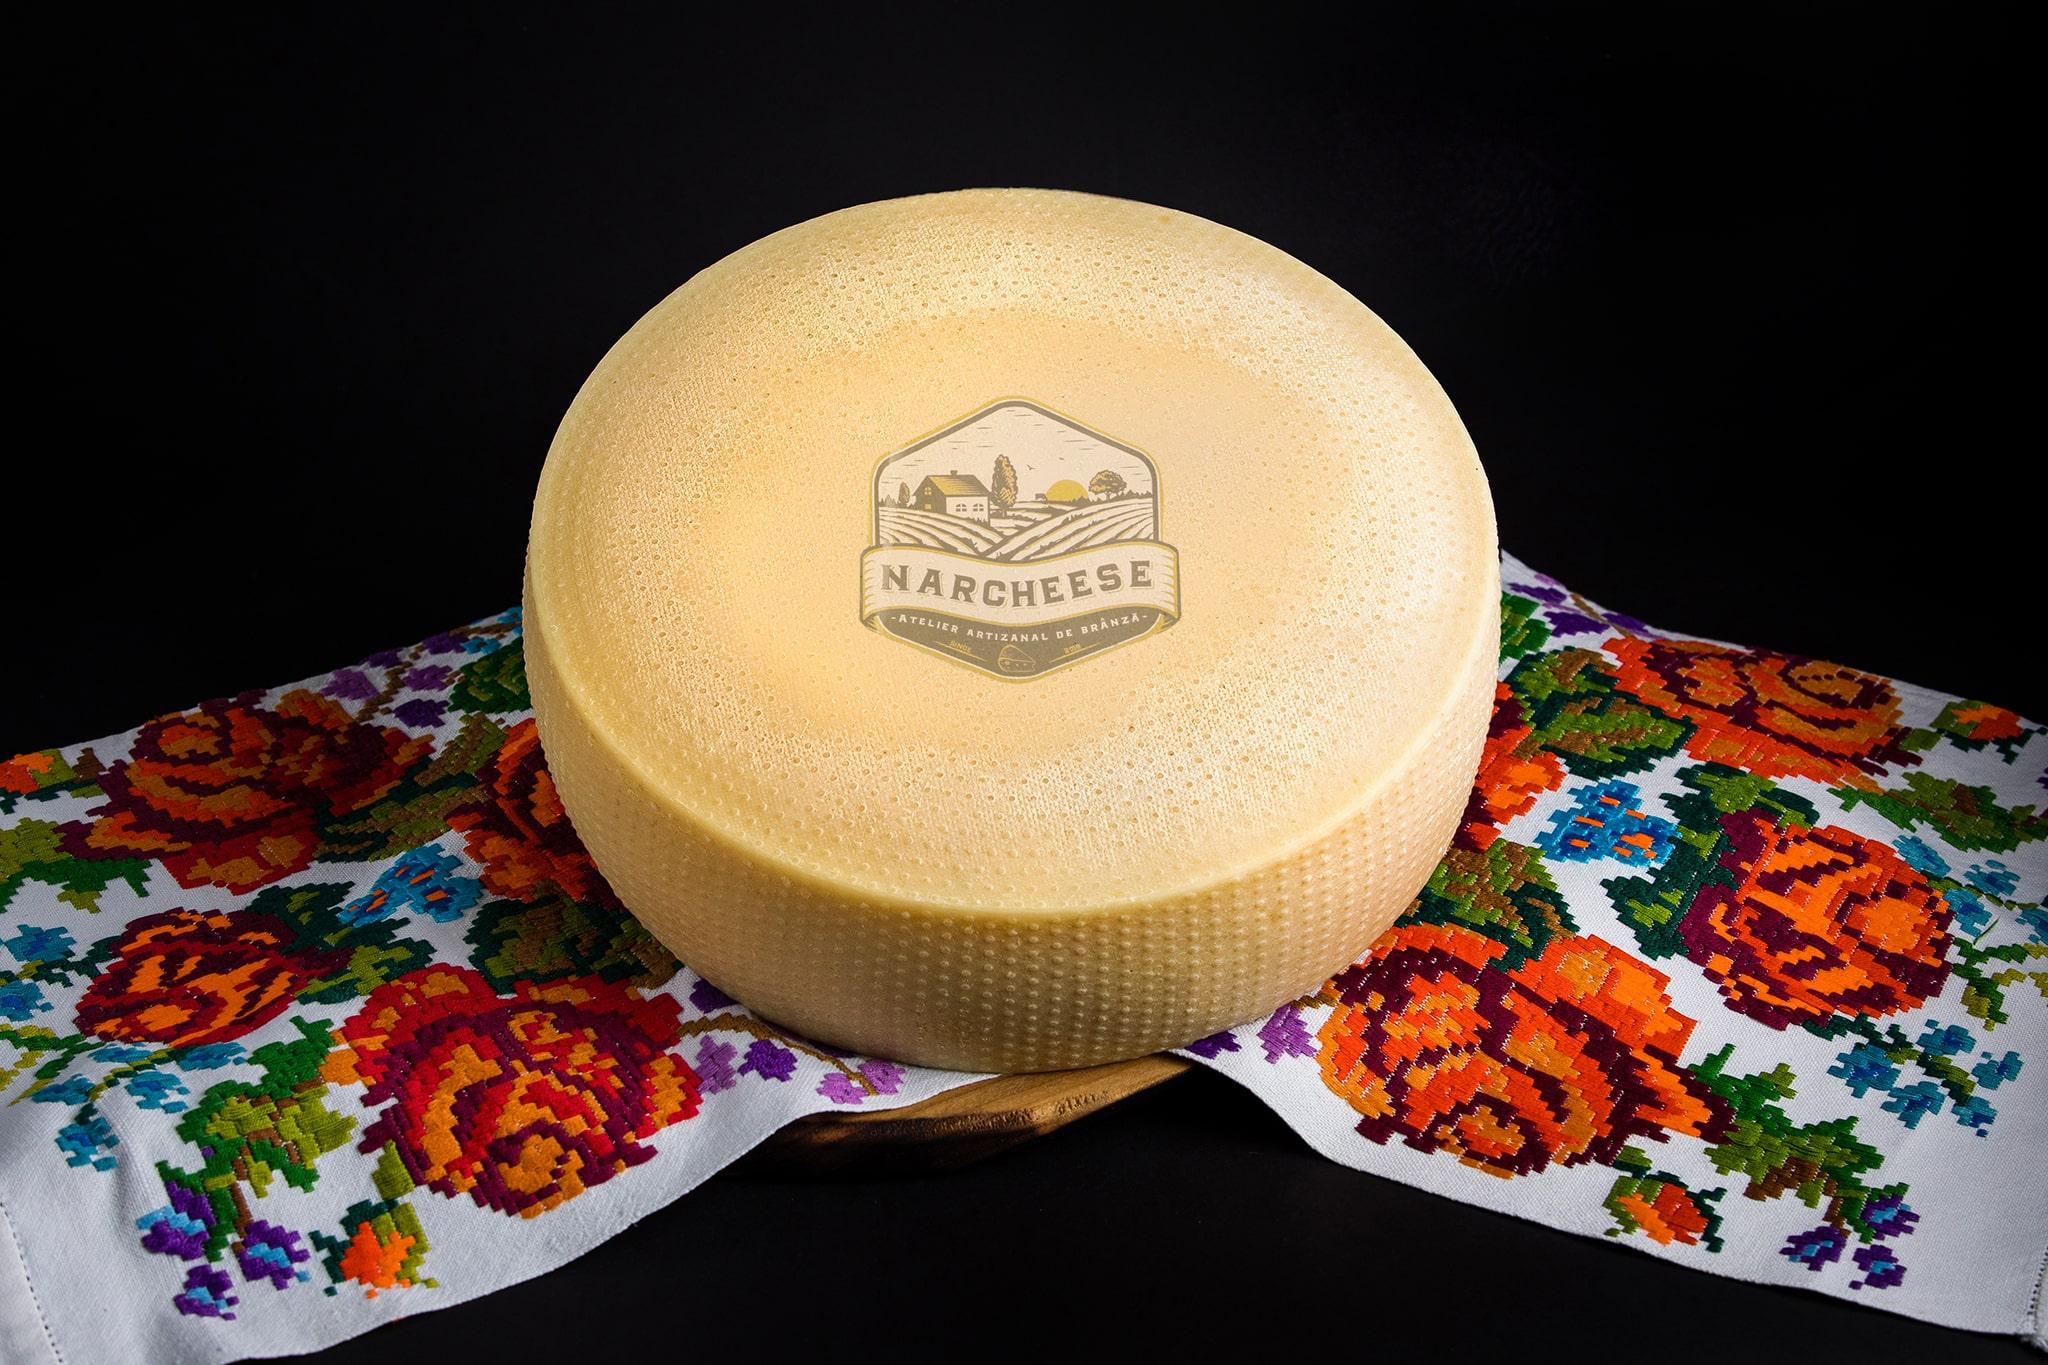 Atelierul de brânză NarCheese